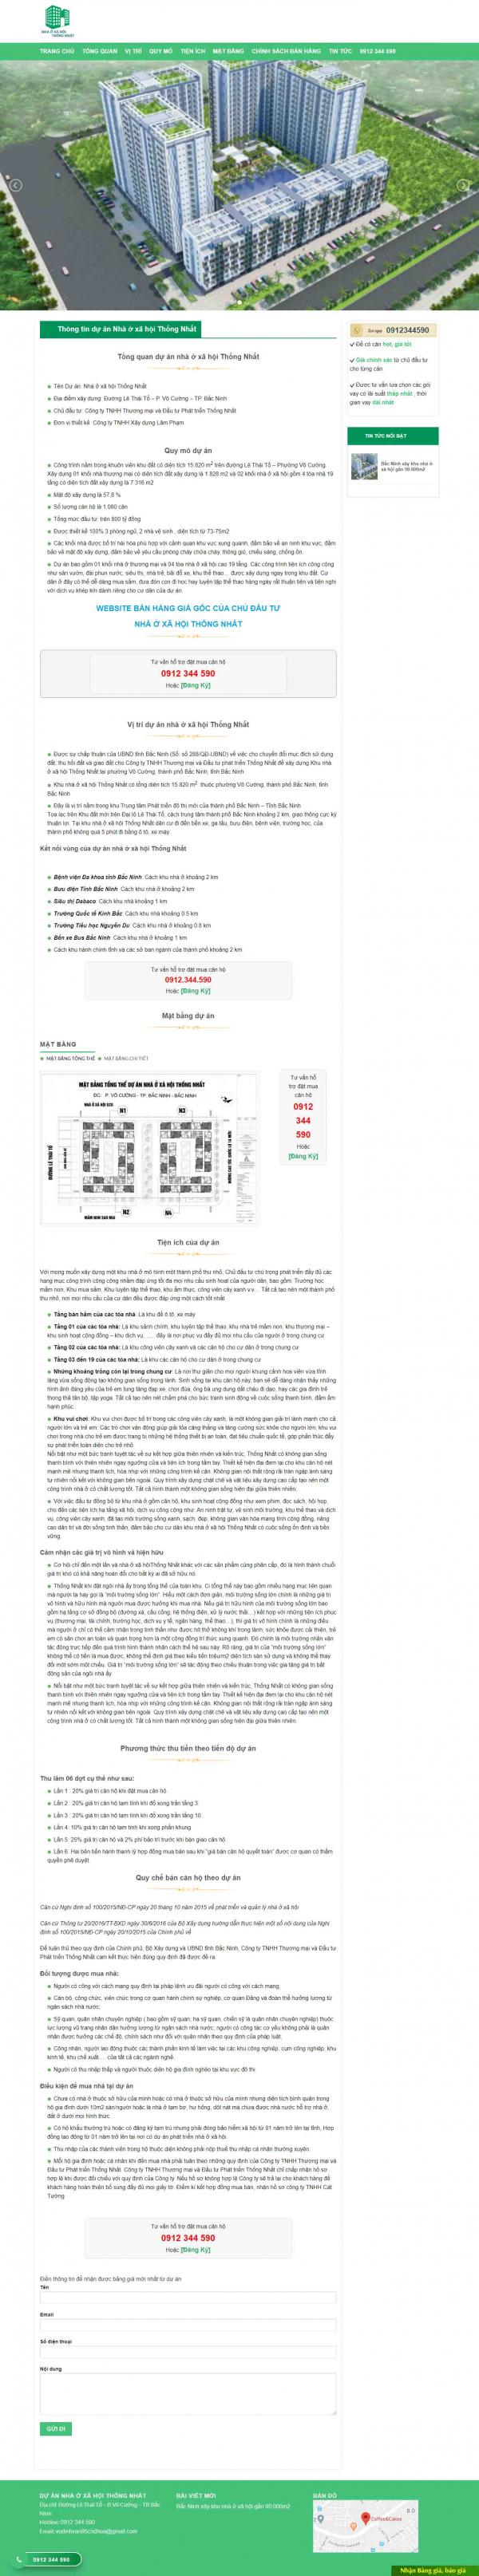 Mẫu giao diện thiết kế web landing page bất động sản chuyên nghiệp